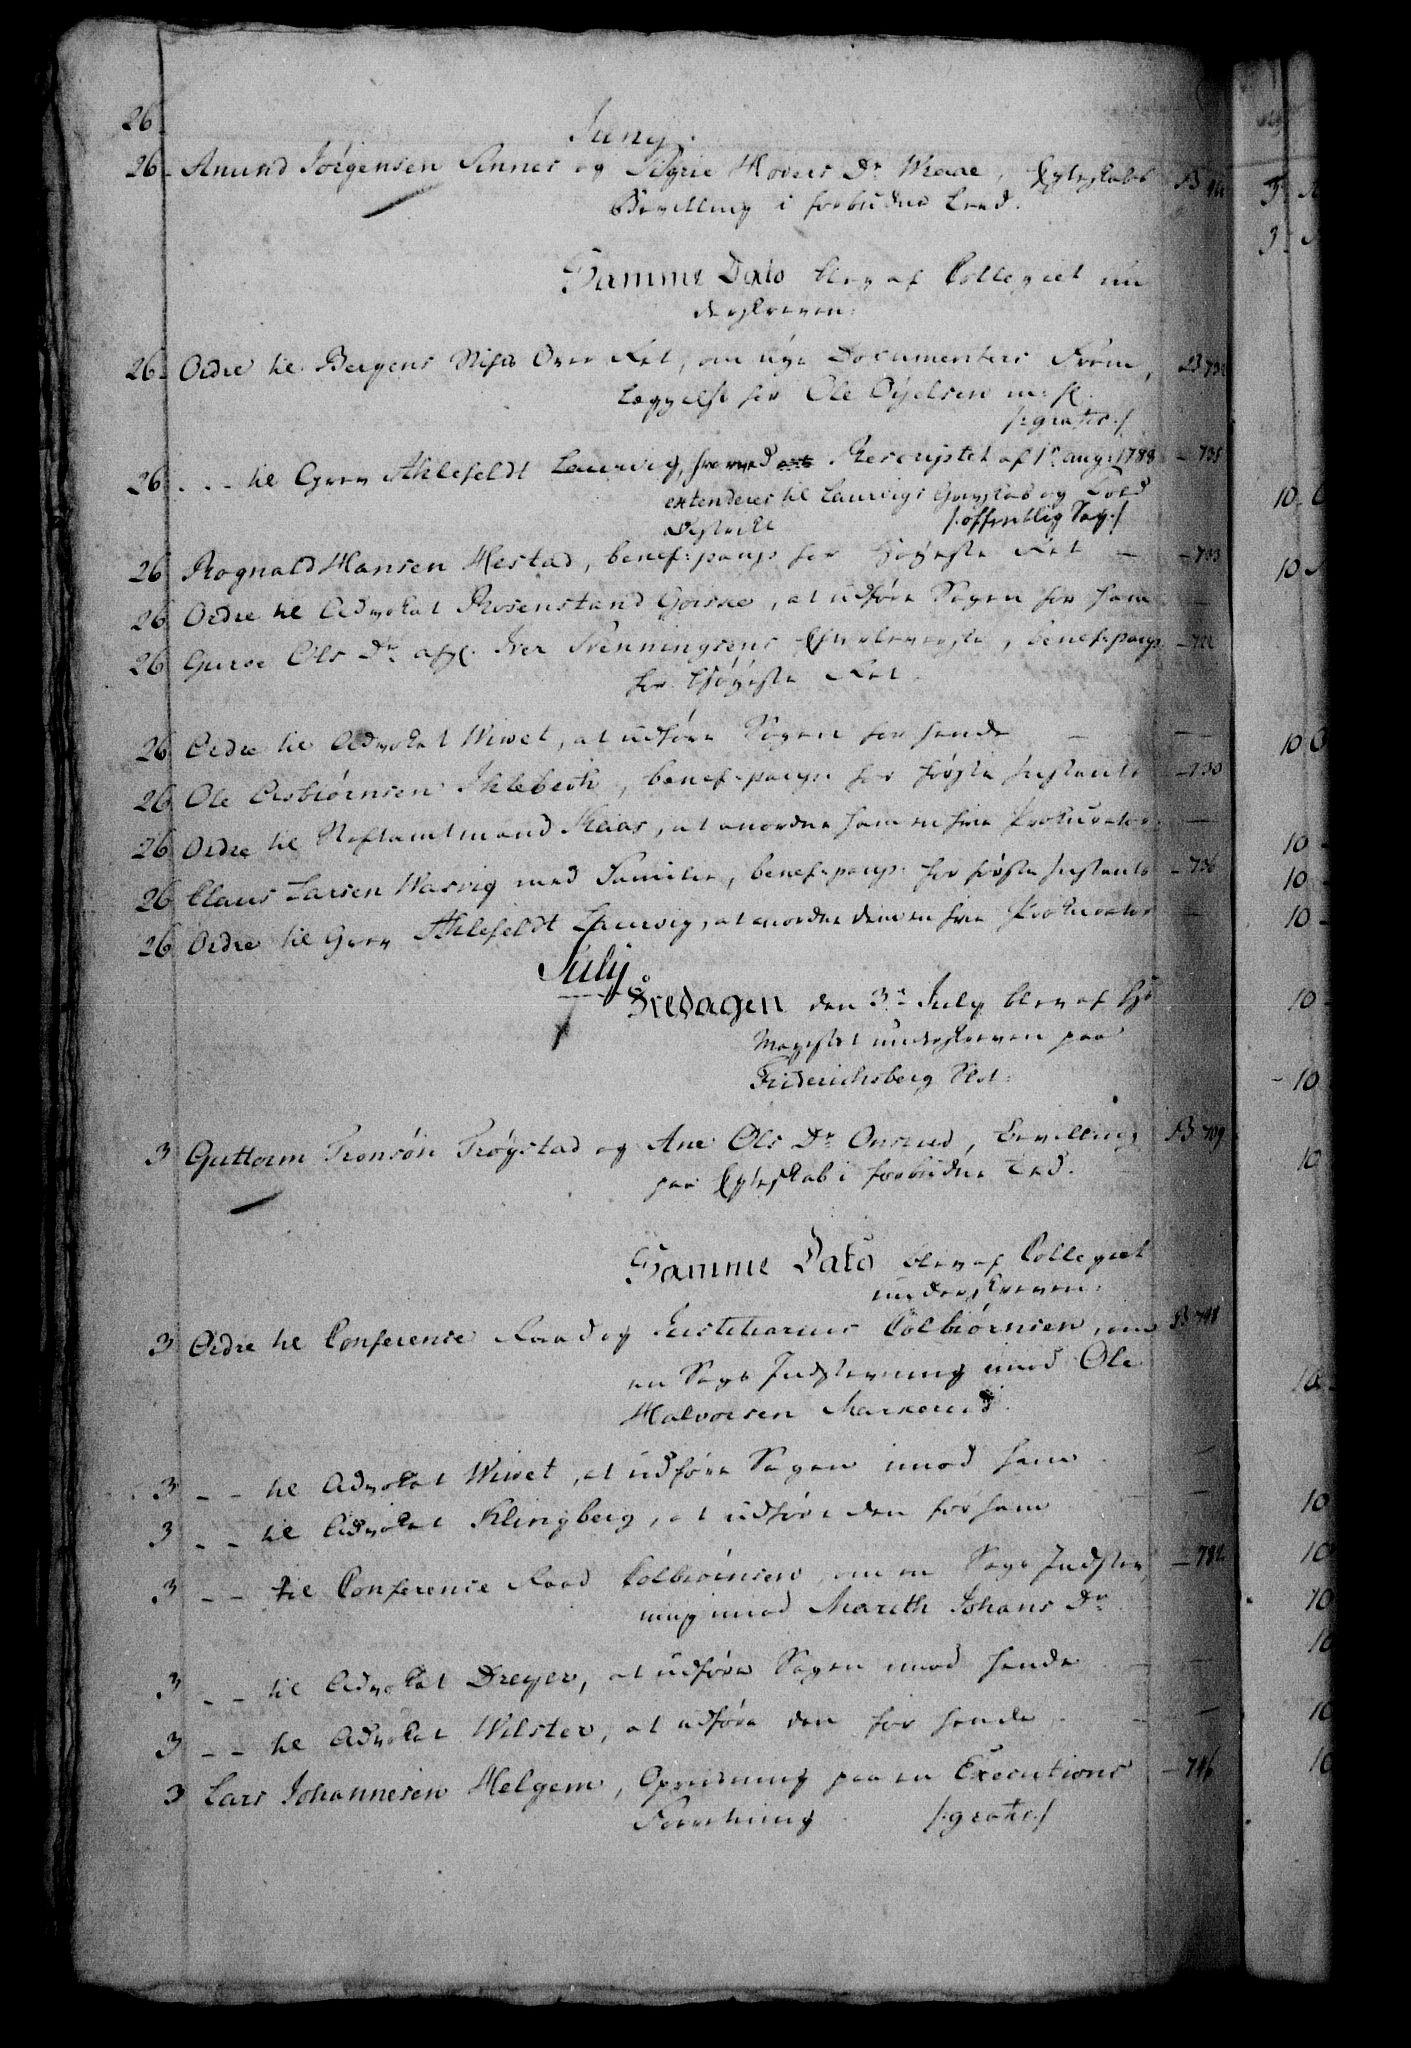 RA, Danske Kanselli 1800-1814, H/Hf/Hfb/Hfbc/L0002: Underskrivelsesbok m. register, 1801, s. 26